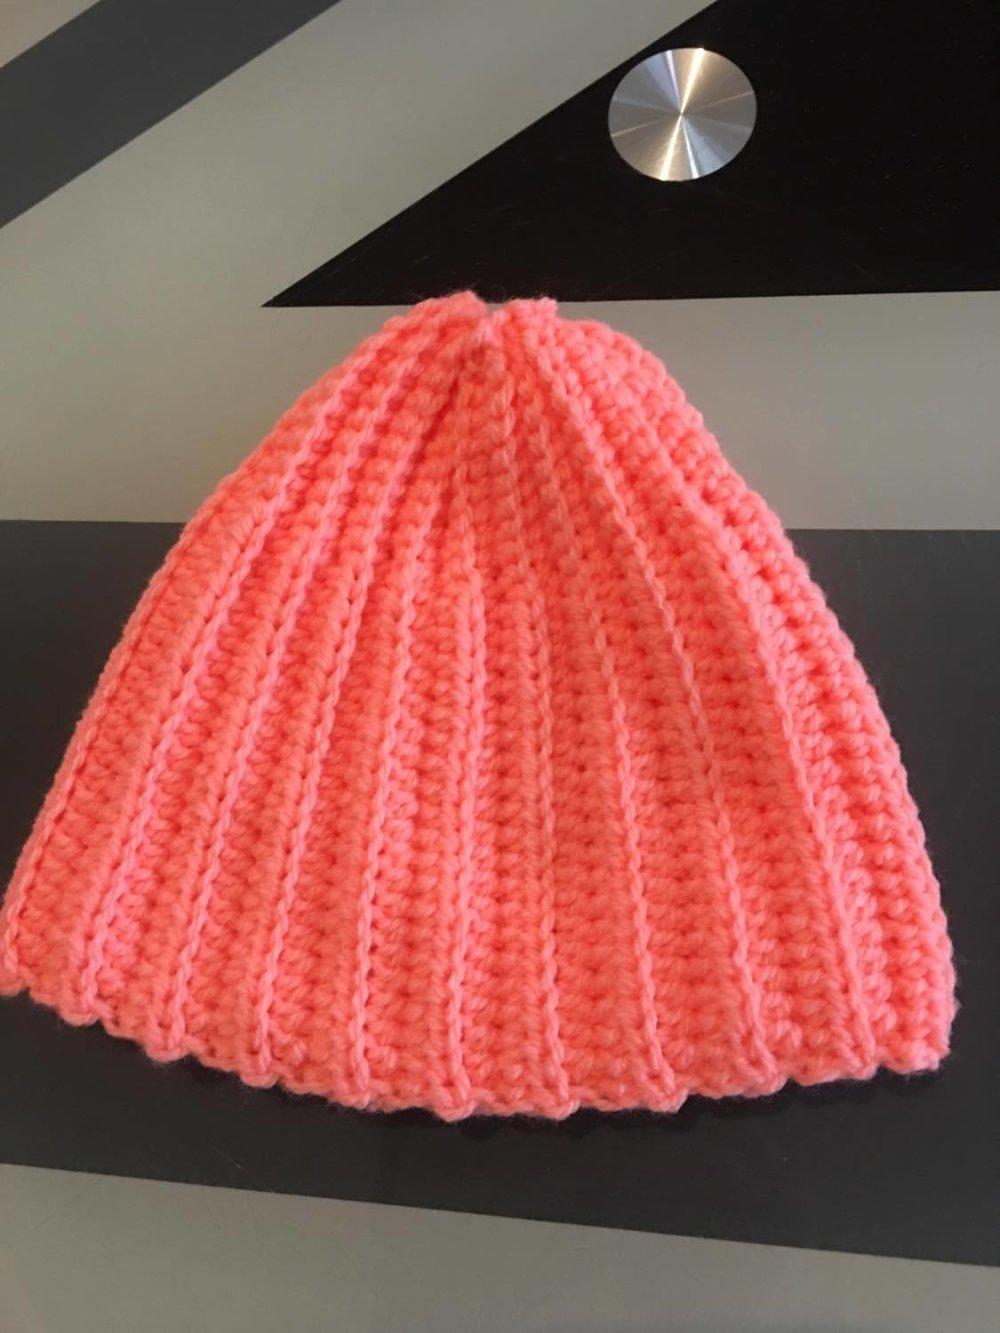 Bonnet 1/3 mois fait main 100% acrylique  (réf 877)